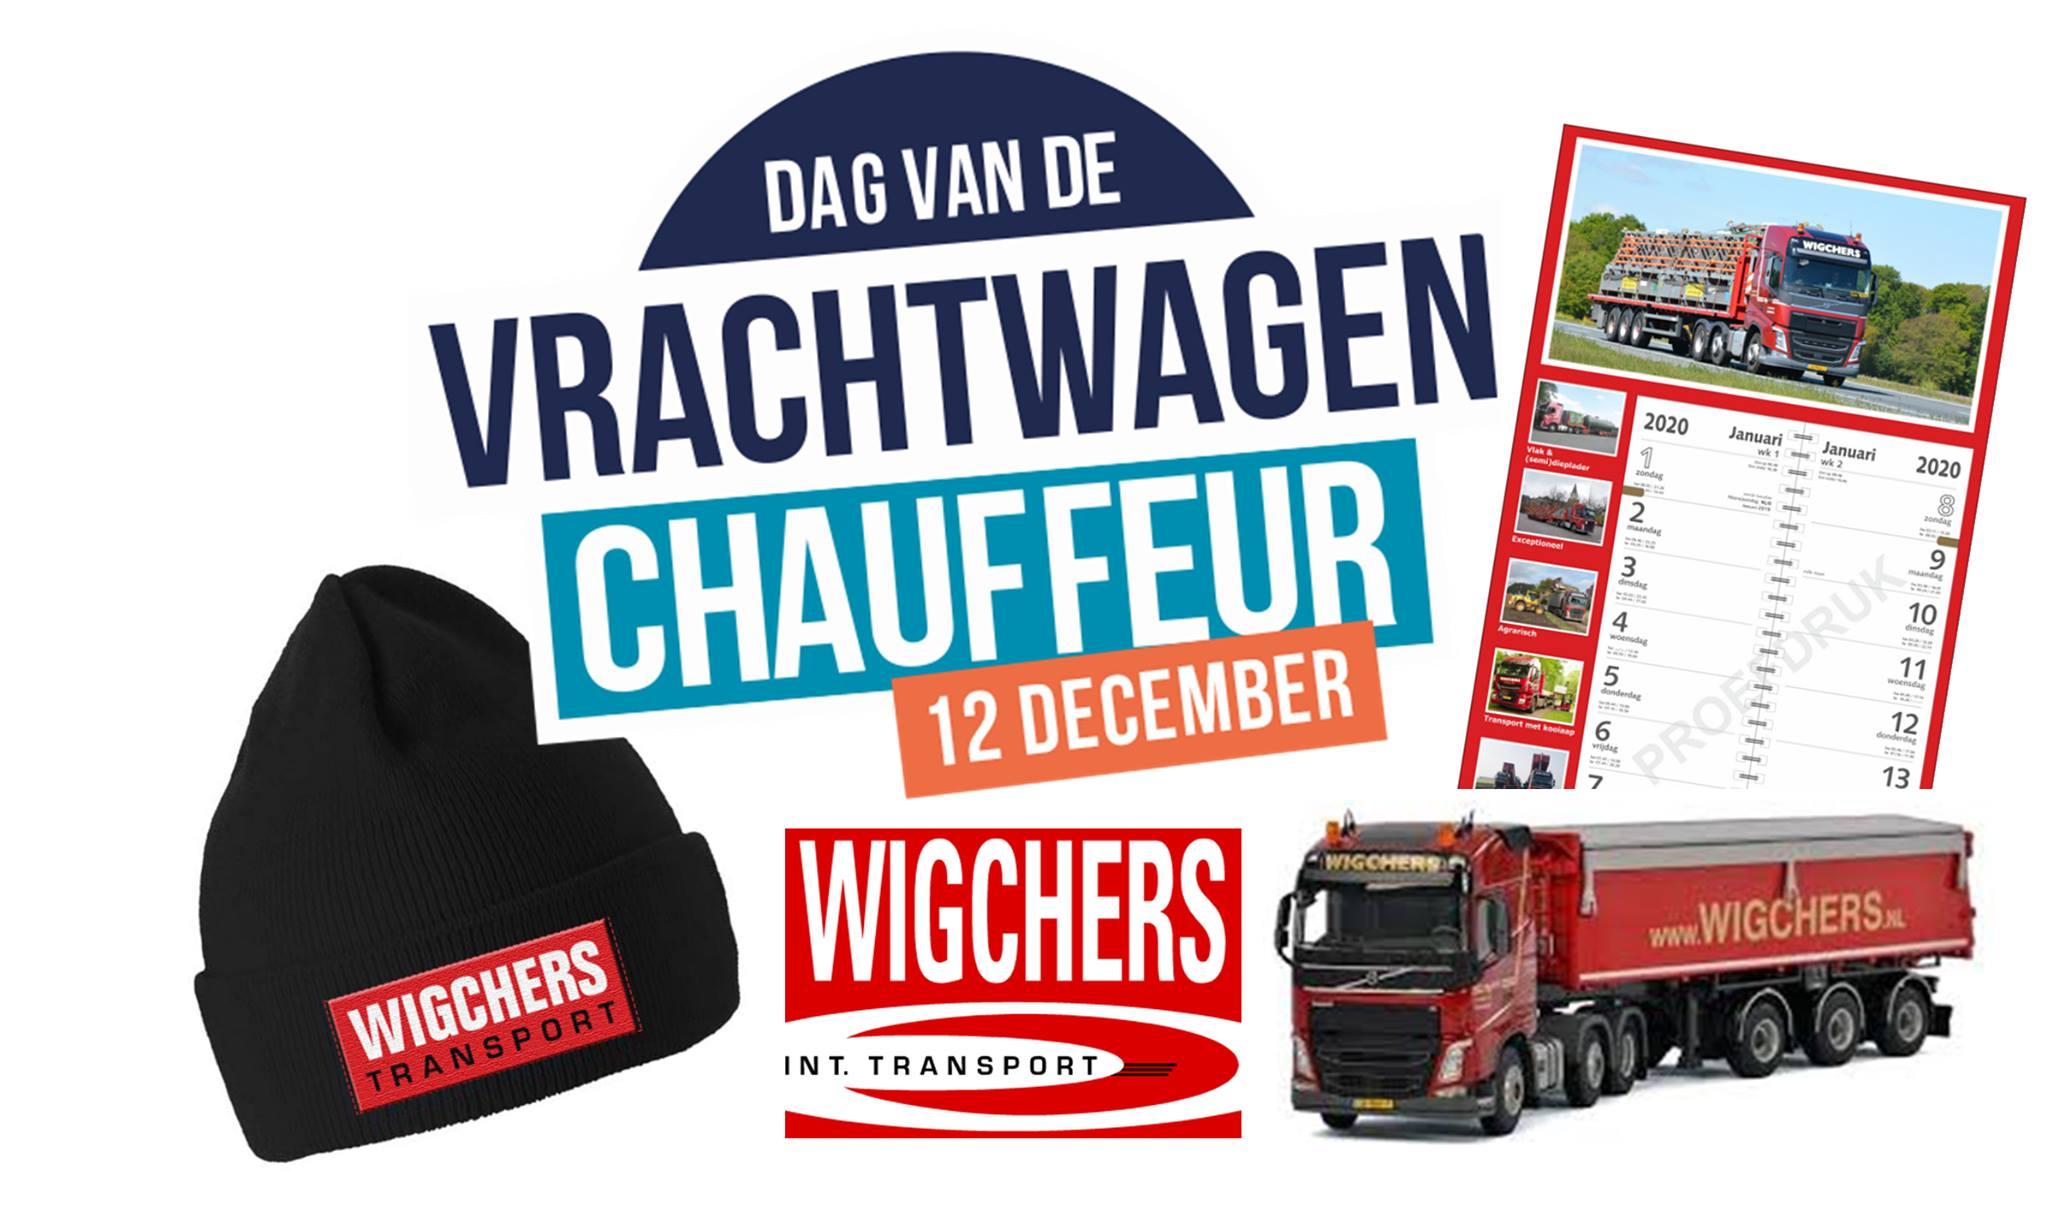 Dag van de vrachtwagenchauffeur 2019